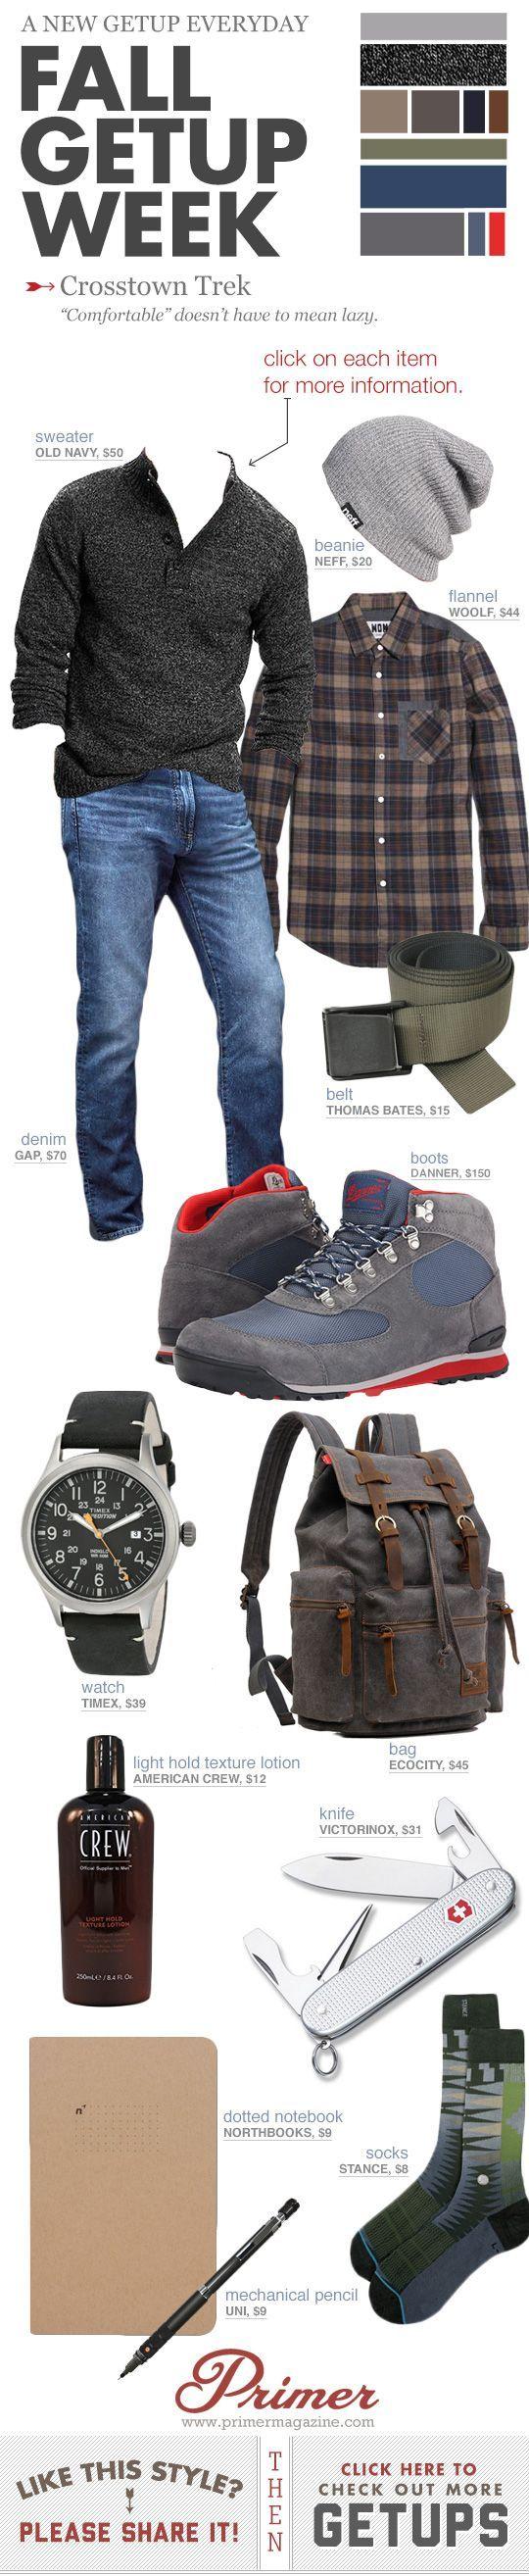 Fall Getup Week: Crosstown Trek | Primer - mens clothing deals, mens clothing websites, mens wear clothing